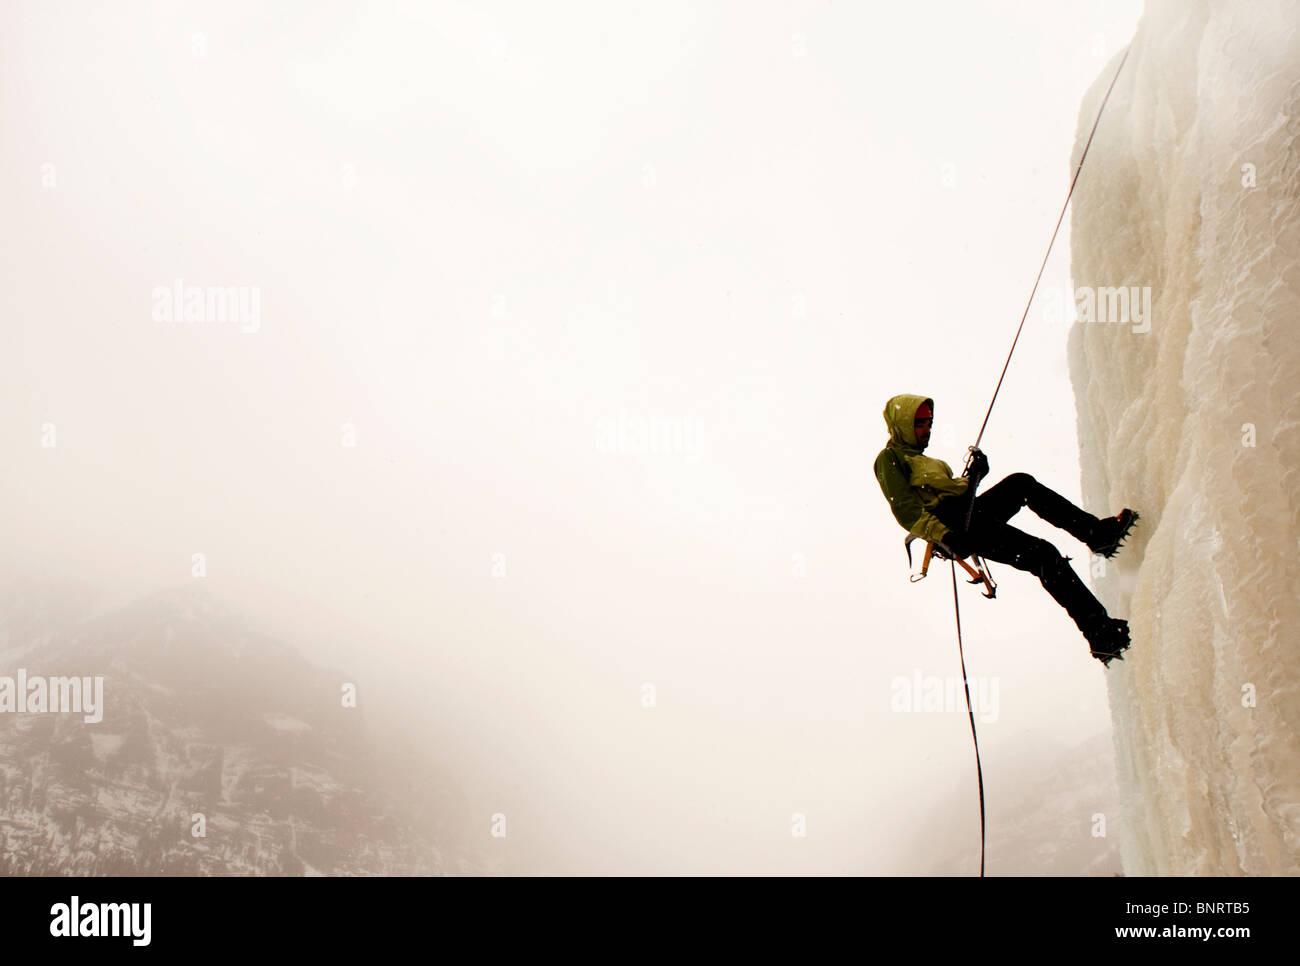 Un homme l'escalade sur glace. Photo Stock